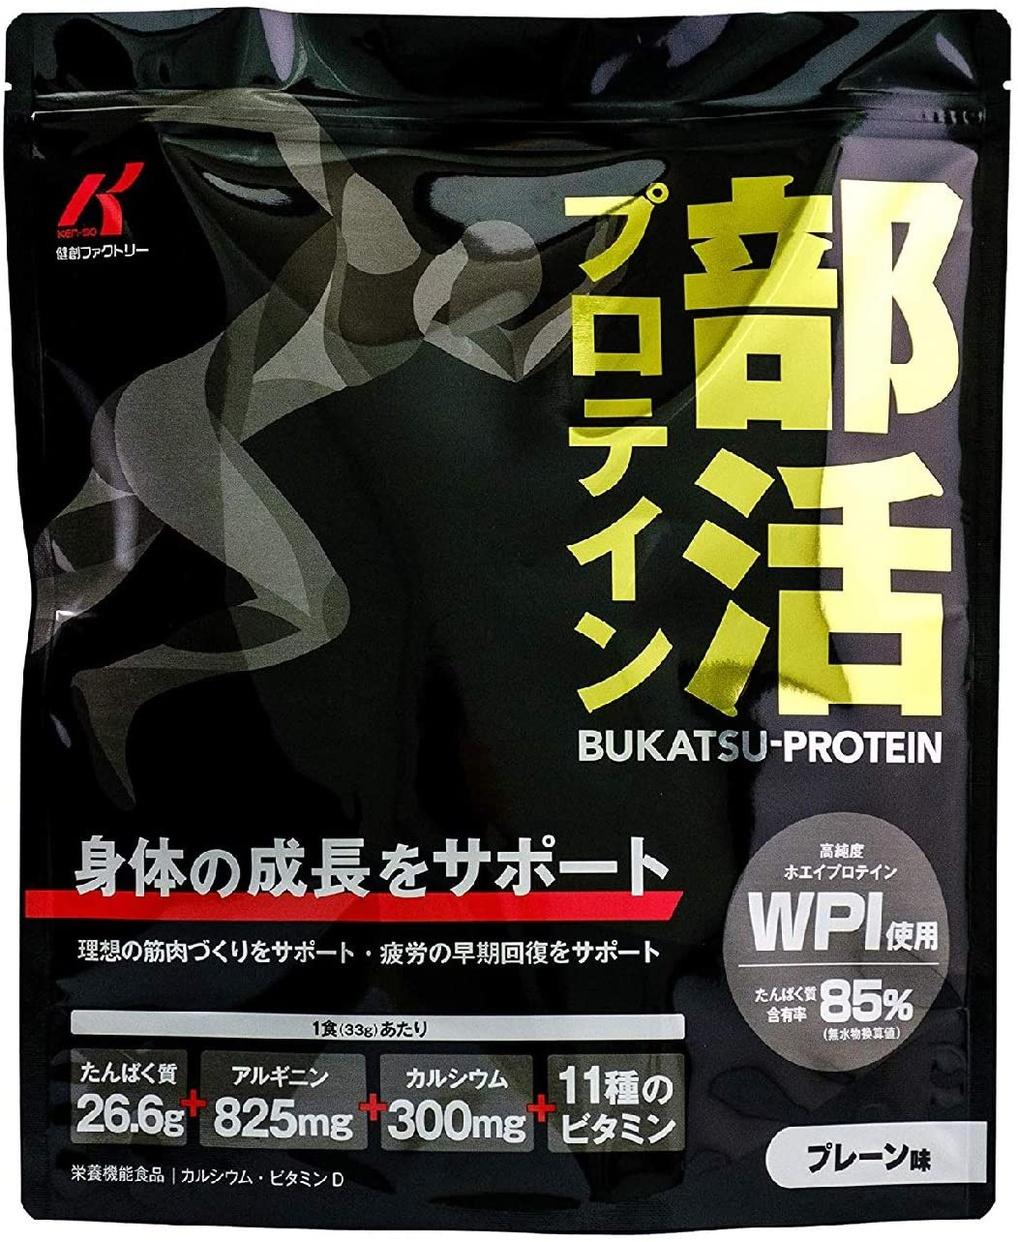 健創ファクトリー 部活プロテインの商品画像